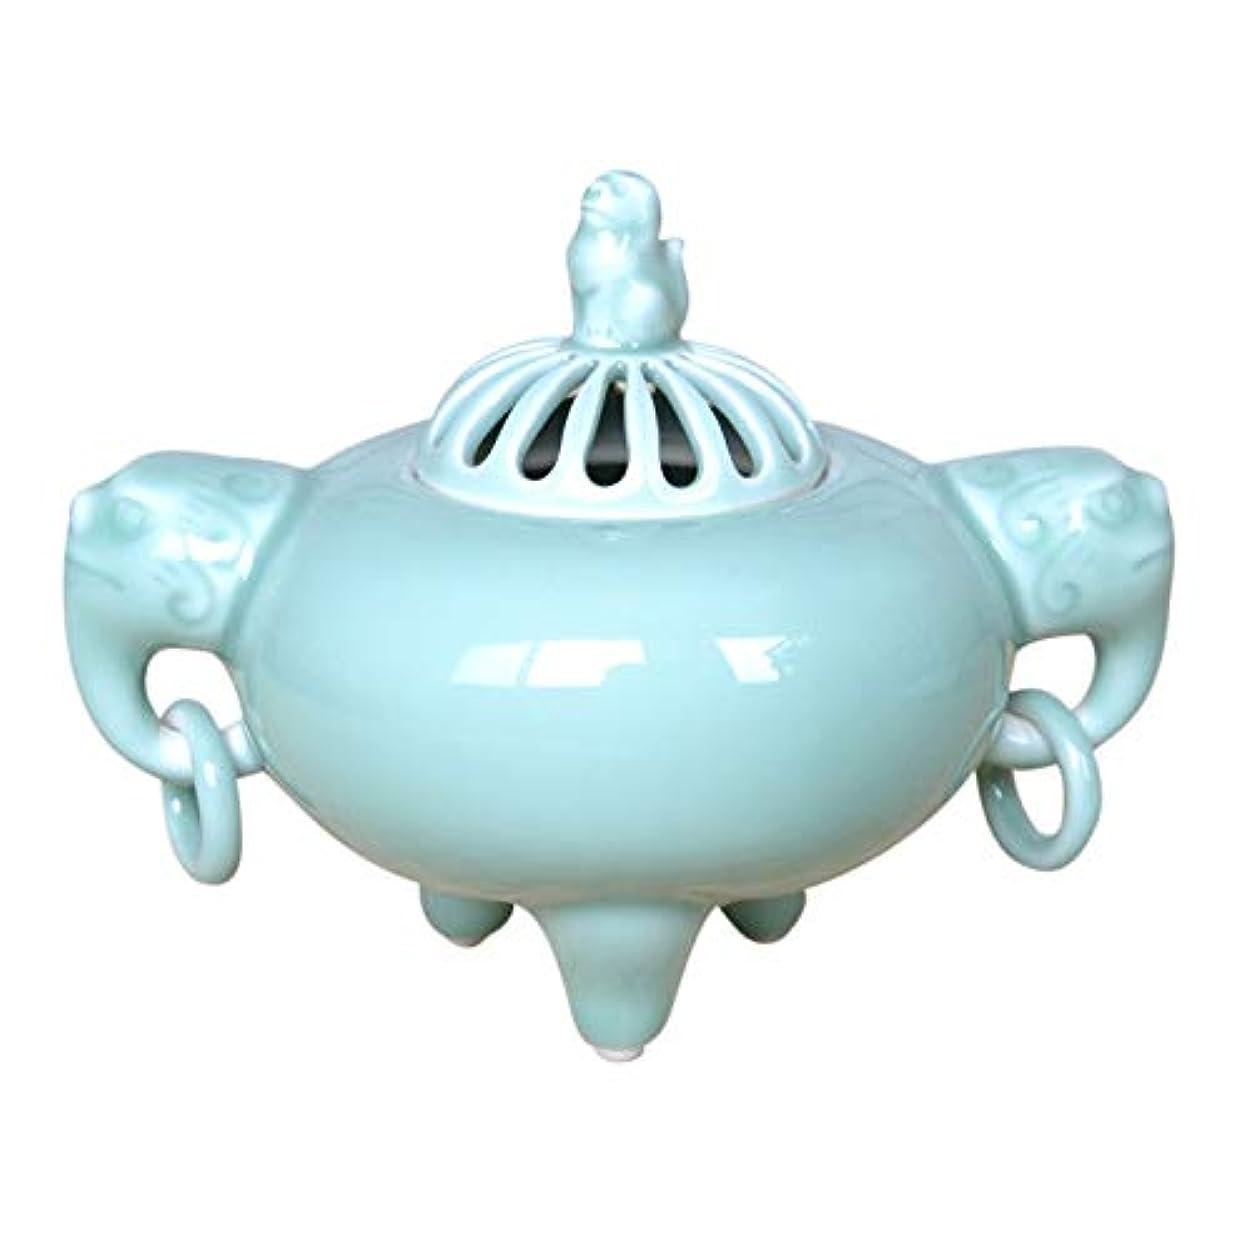 仕事規模おもしろい有田焼 青磁丸中遊環 香炉(木箱付)【サイズ】高さ12.2cm